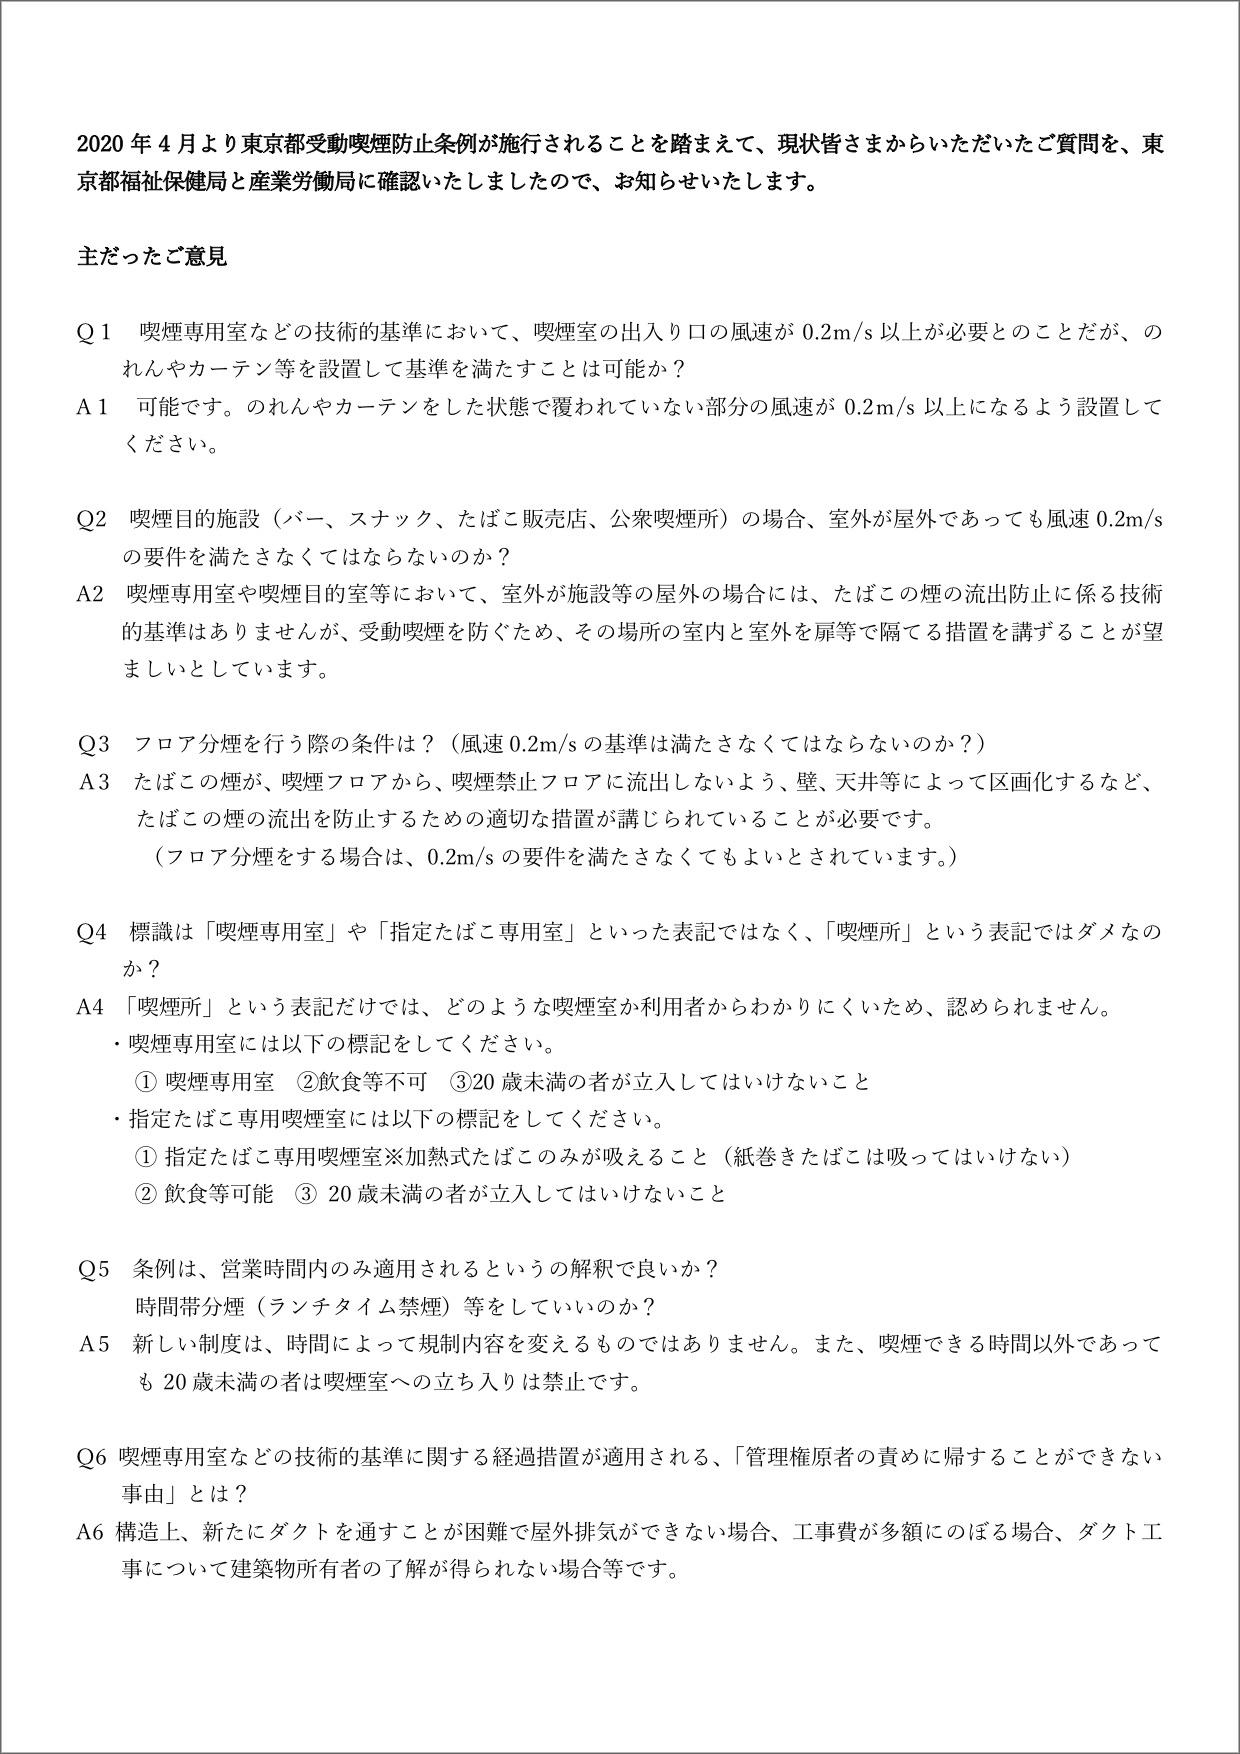 東京都受動喫煙防止条例に関する皆さまの質問